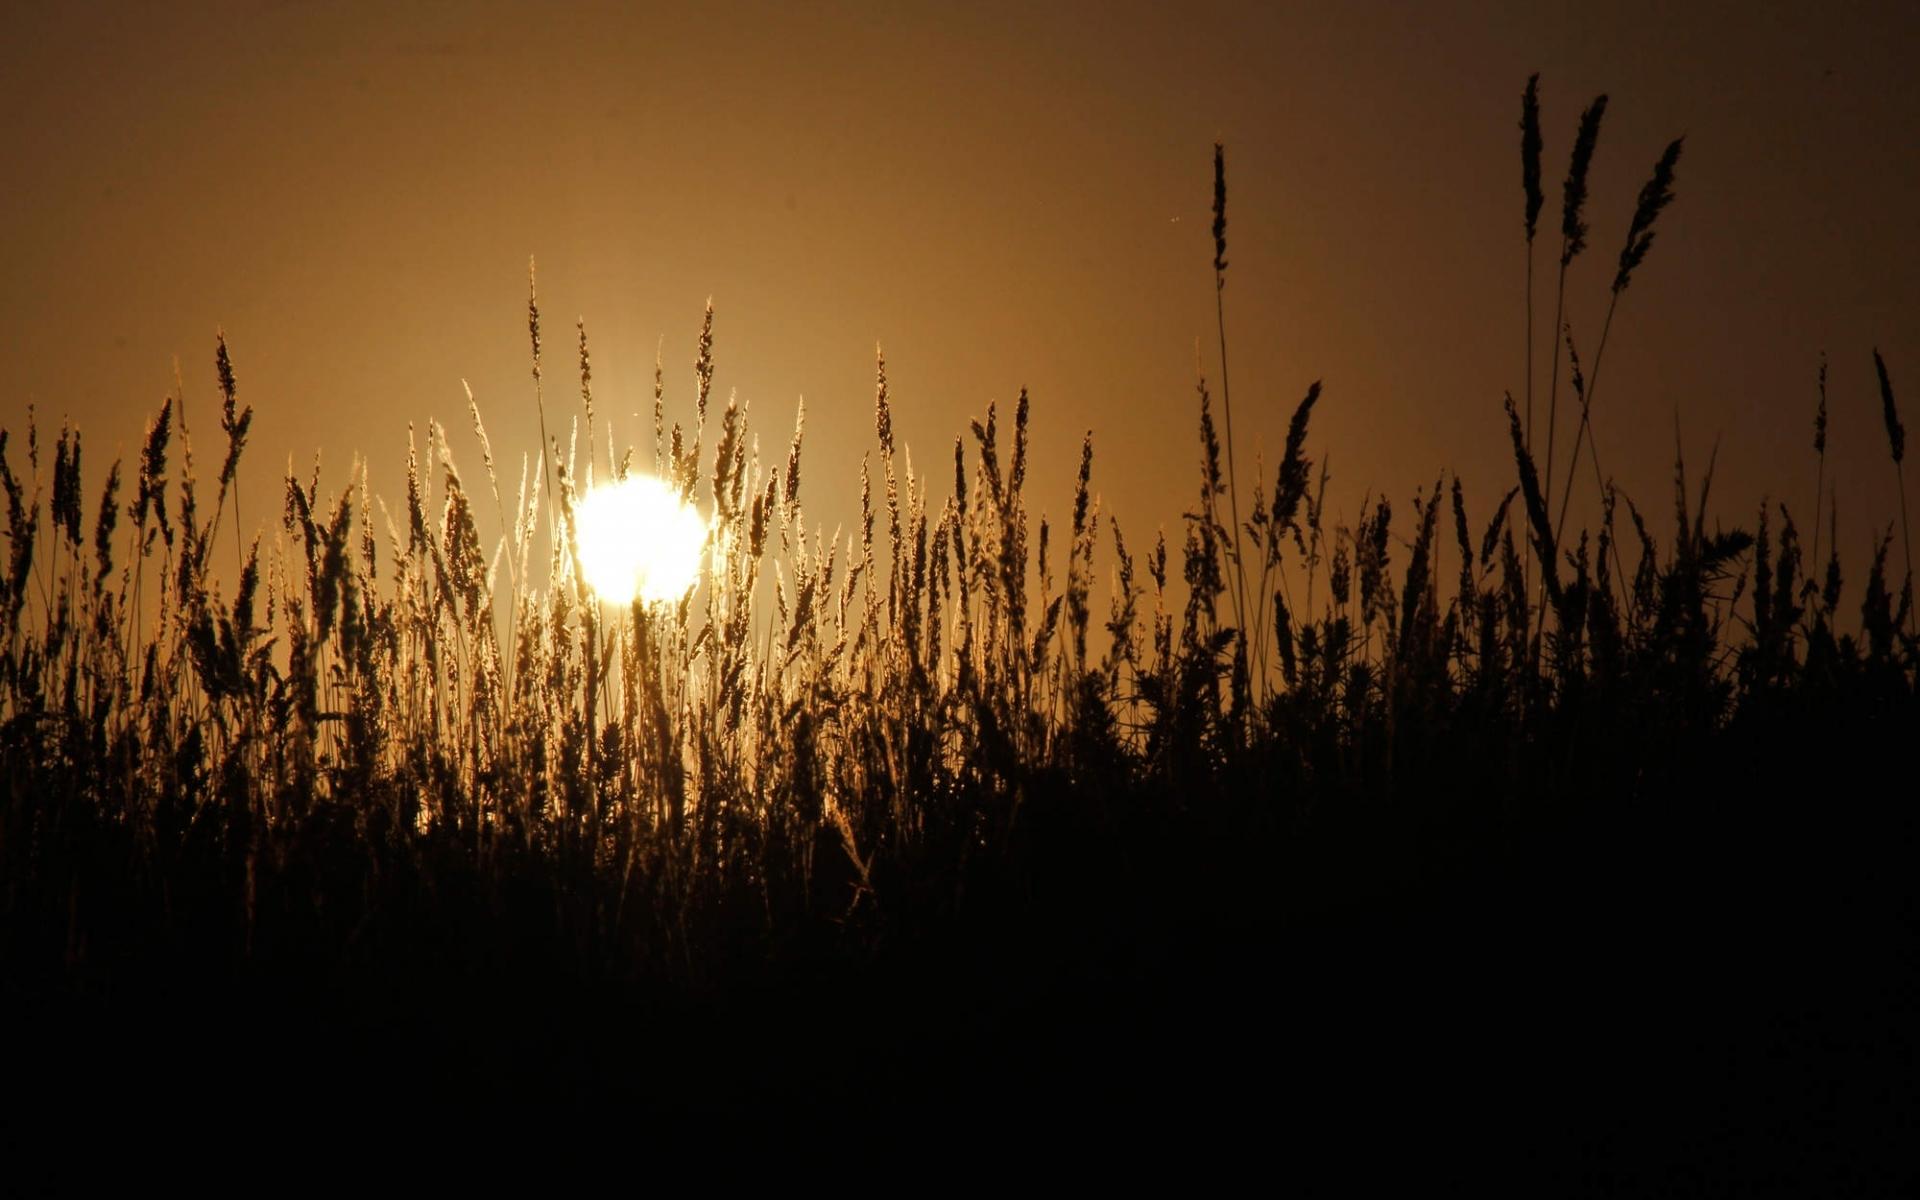 23537 скачать обои Пейзаж, Поля, Солнце, Пшеница - заставки и картинки бесплатно